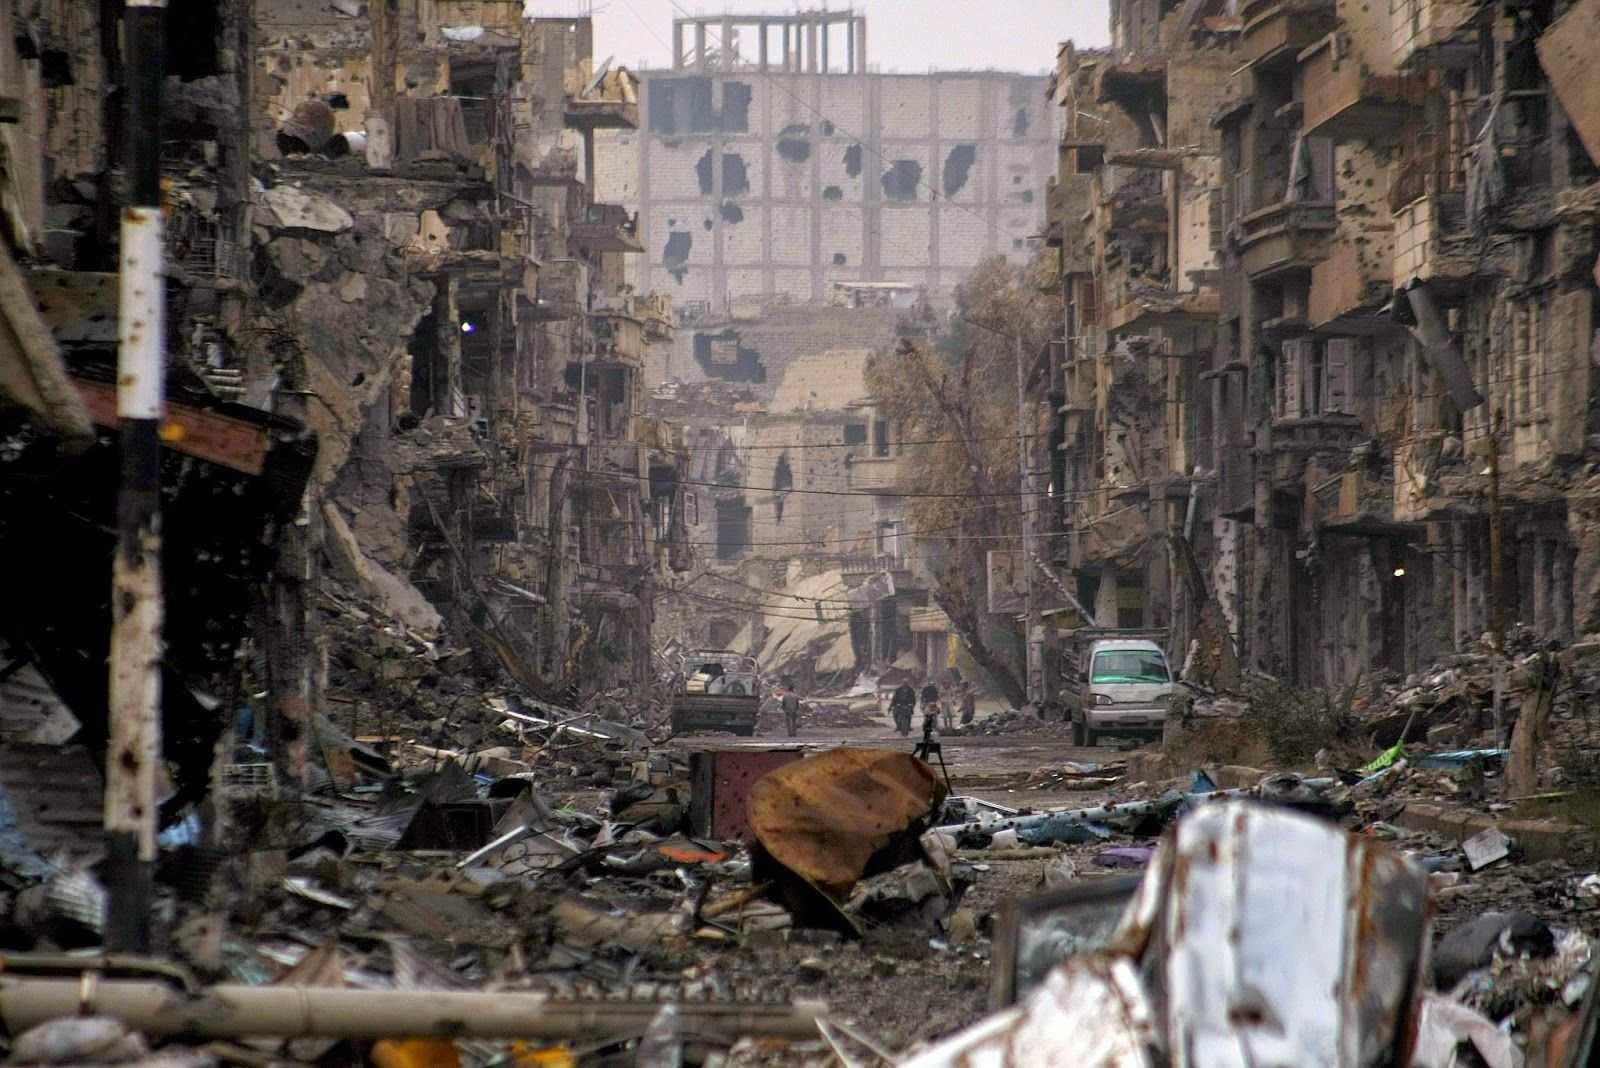 ШОК: разорванные террористы и руины — Армия Сирии освободила отИГИЛ район Дейр-эз-Зор (ВИДЕО 21+) | Русская весна